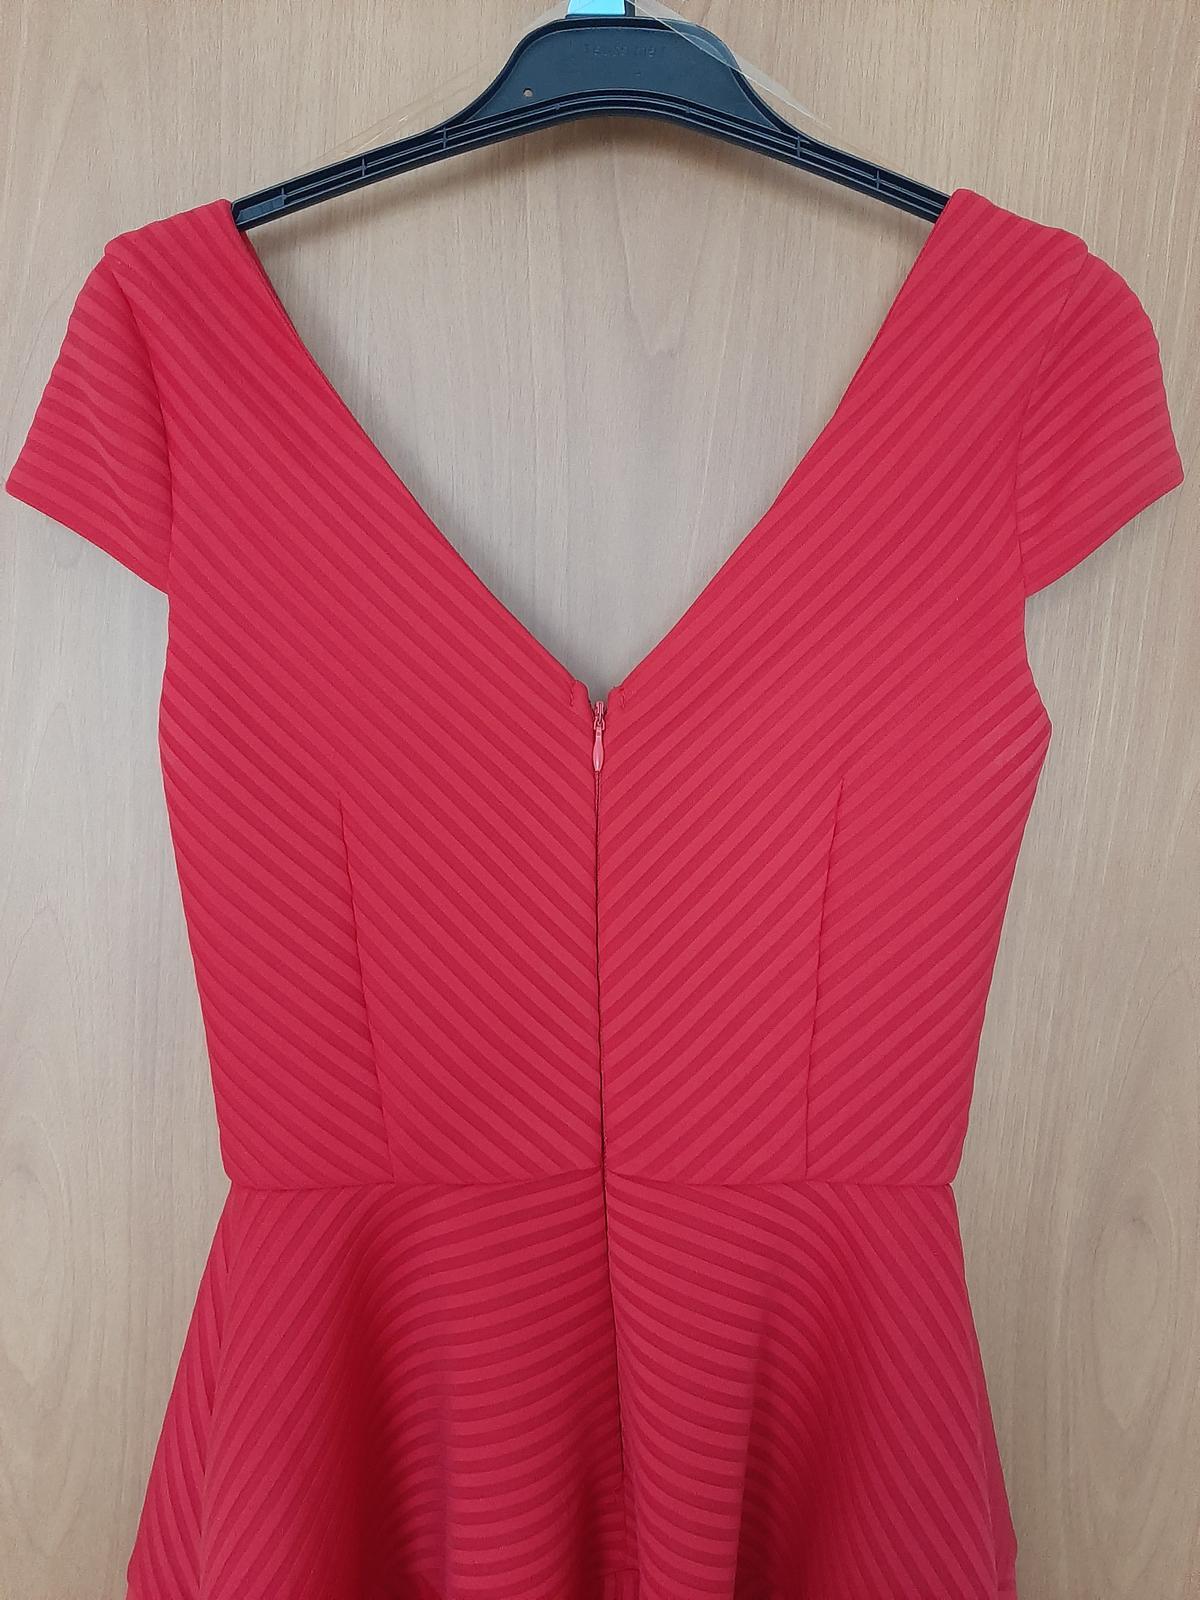 Červené šaty na redový tanec - Obrázok č. 3